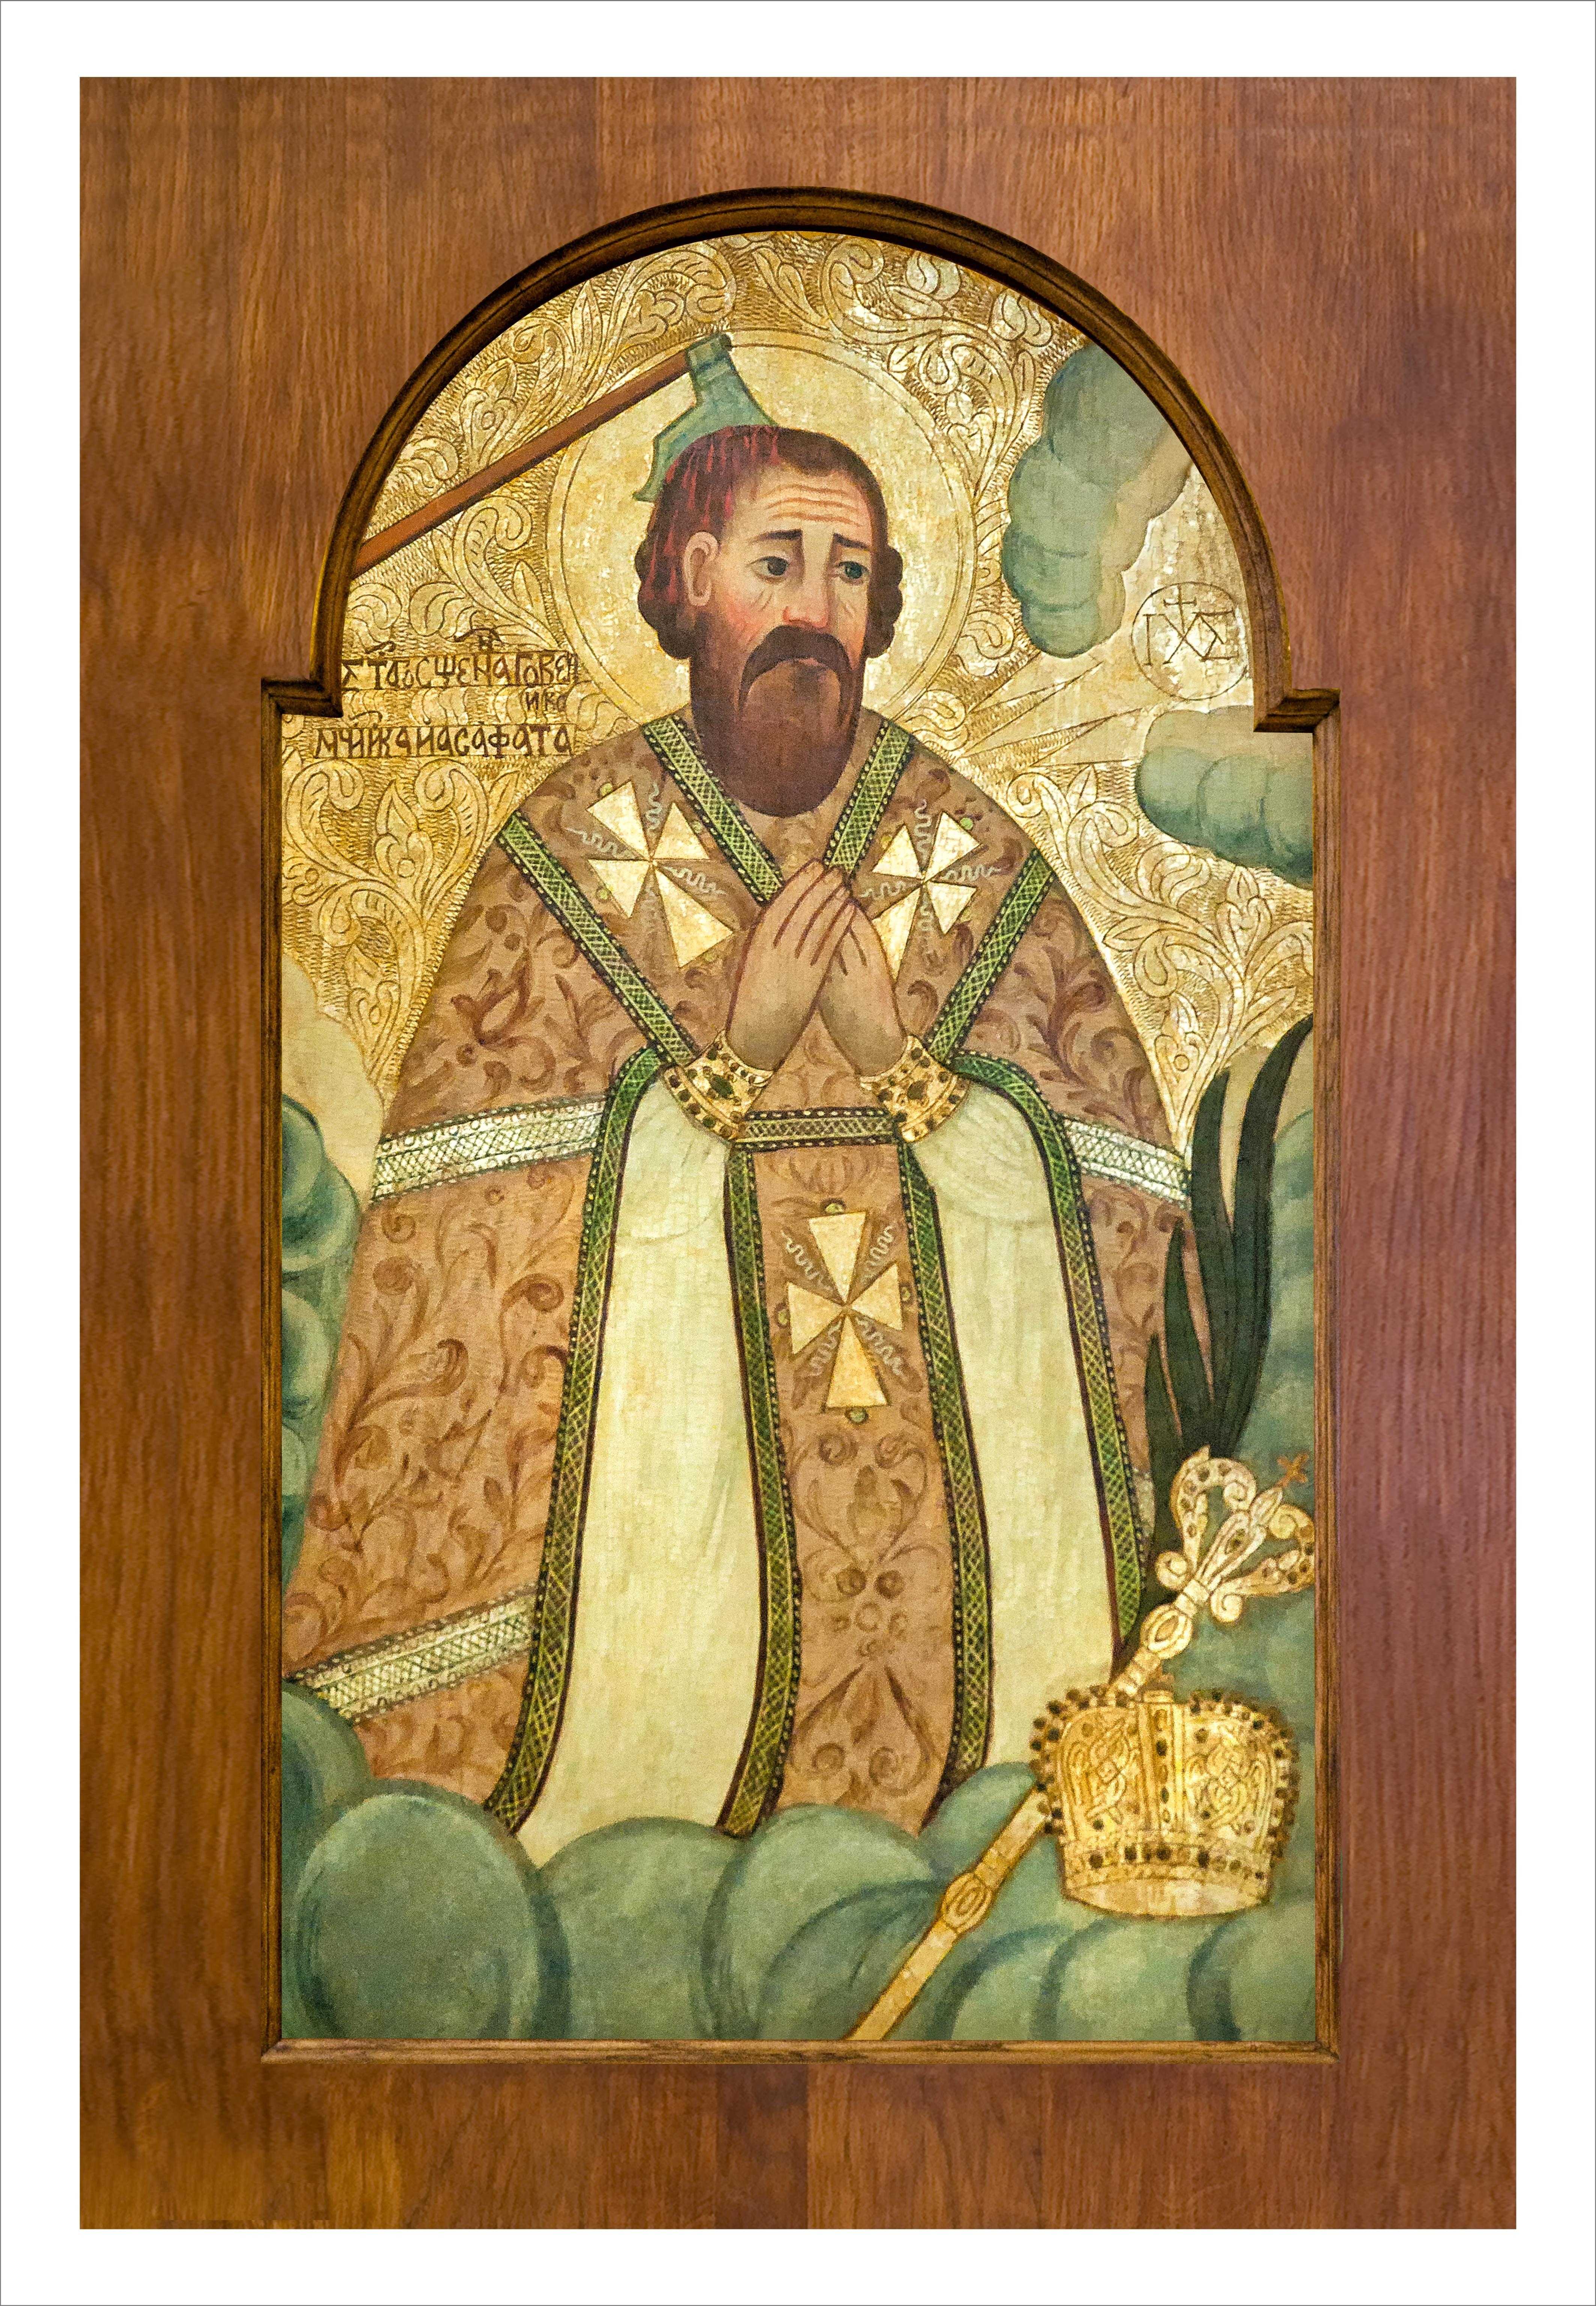 Święty Męczennik Jozafat Kuncewicz, arcybiskup Połocki